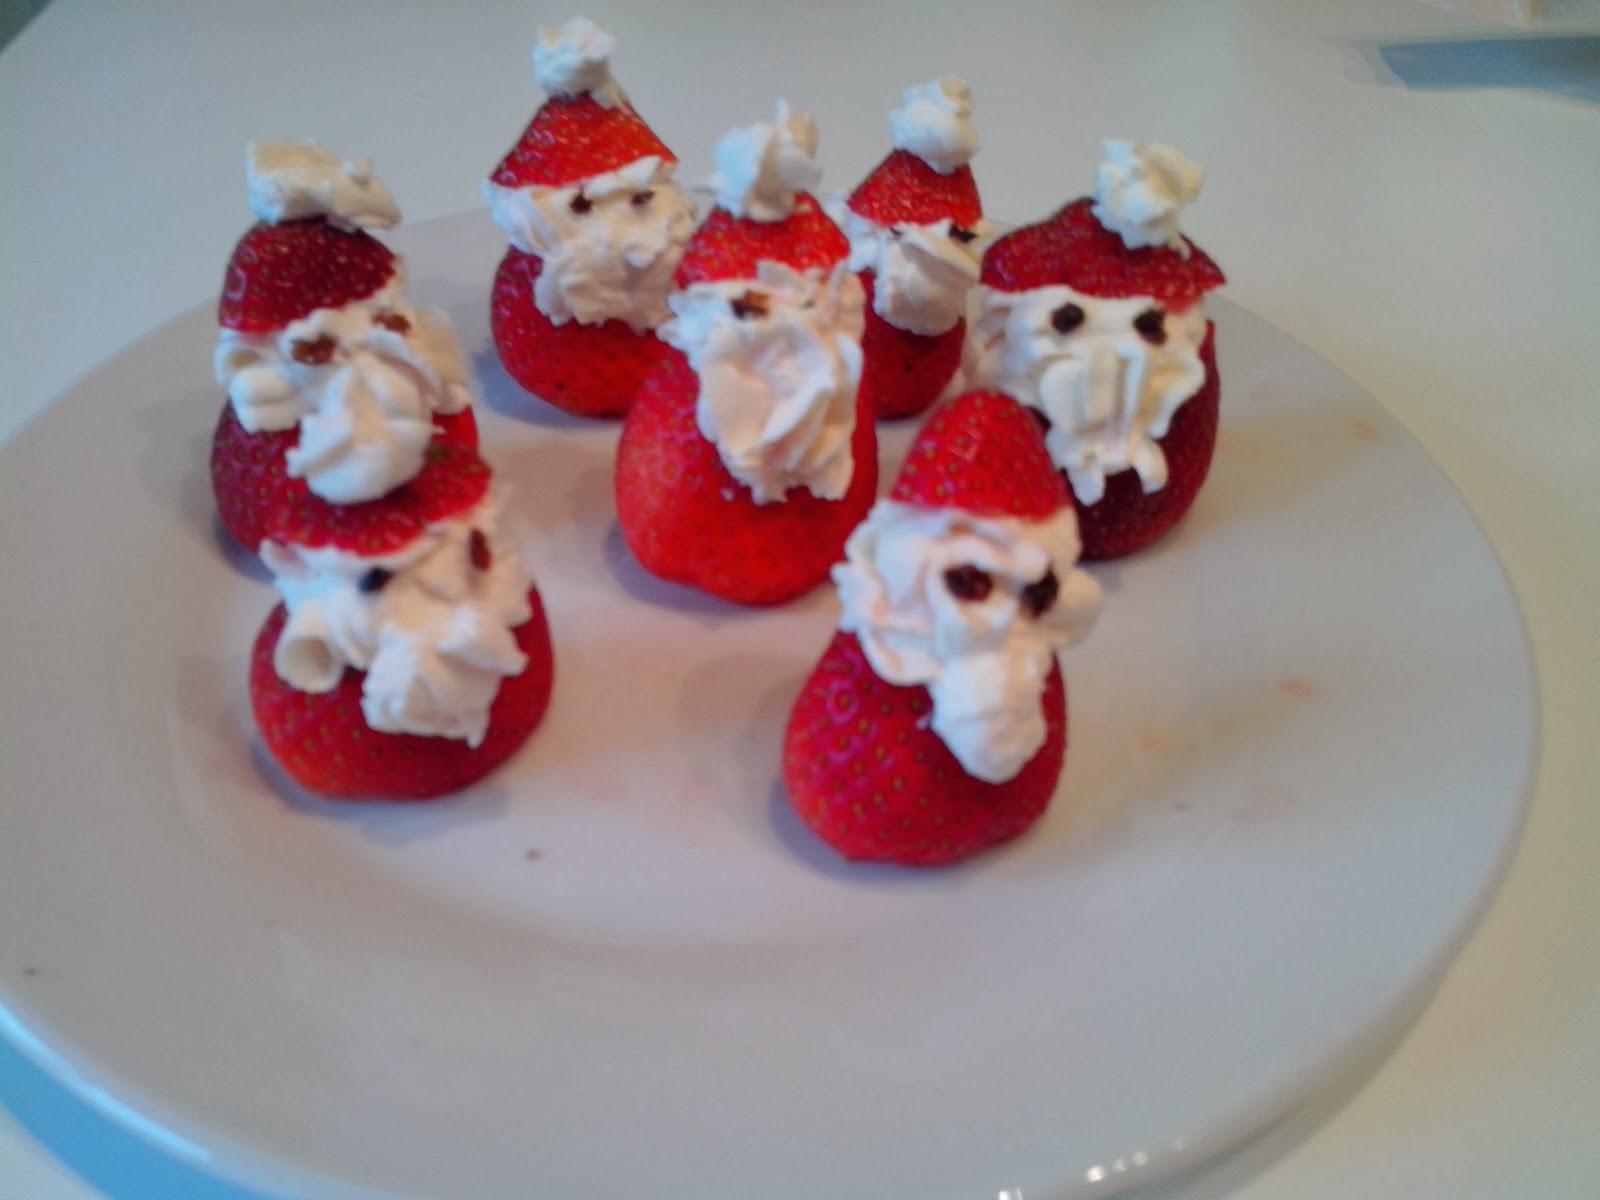 Couleurs cuisine pere noel chantilly - Noel a mille couleurs ...